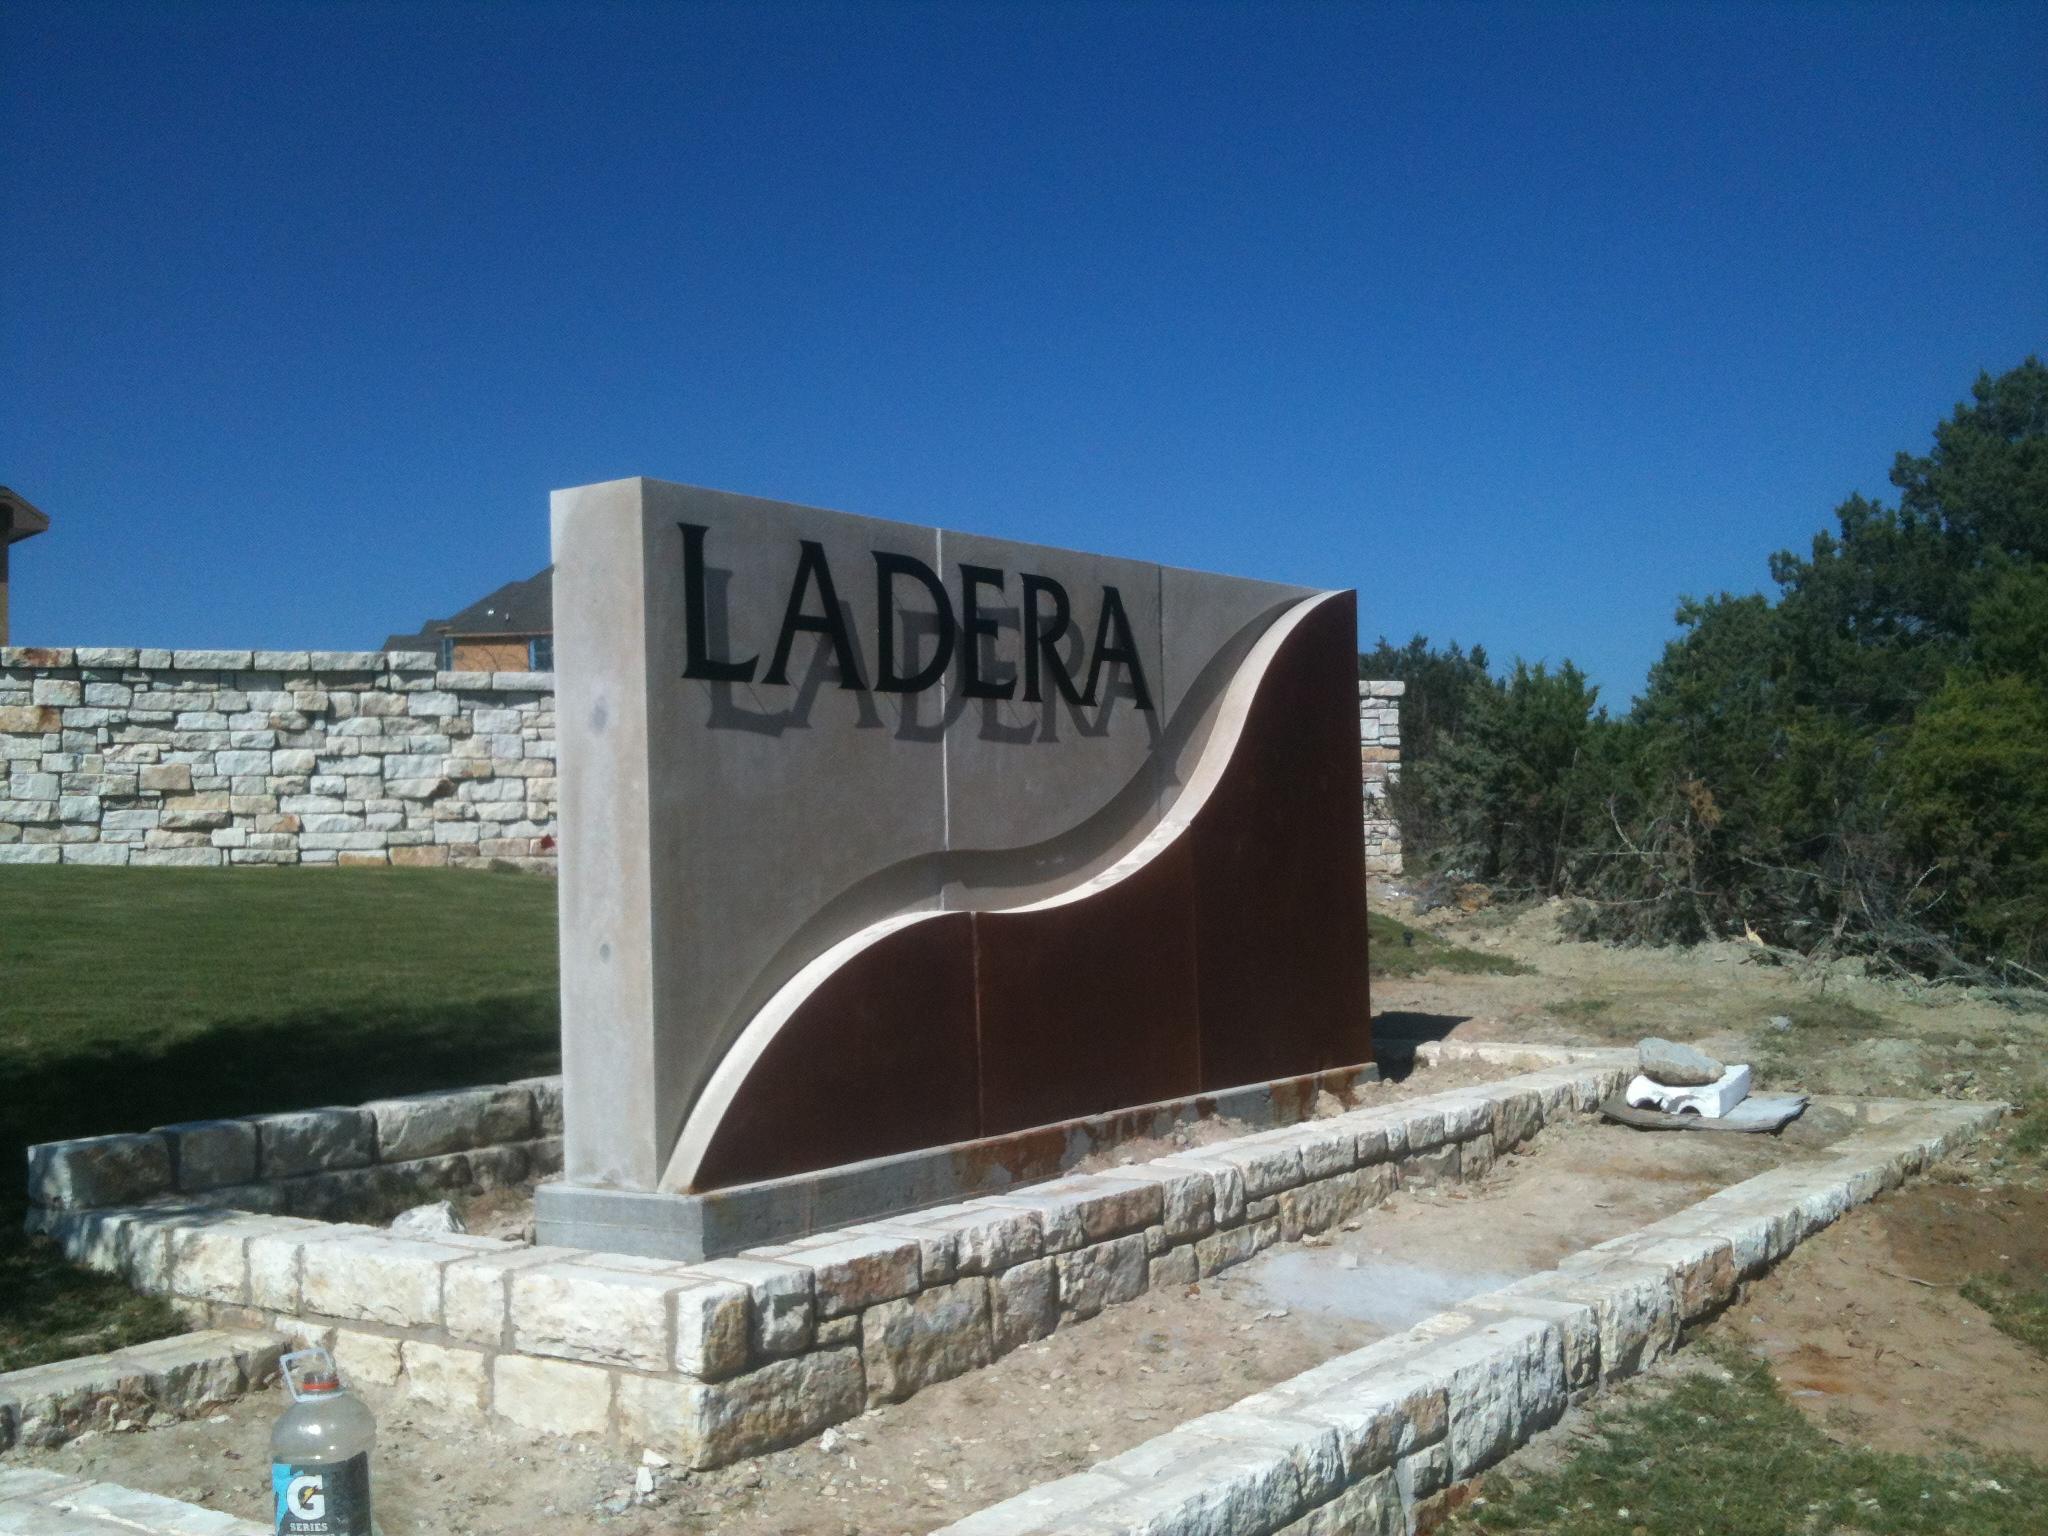 Ladera Raised Lettering Monument